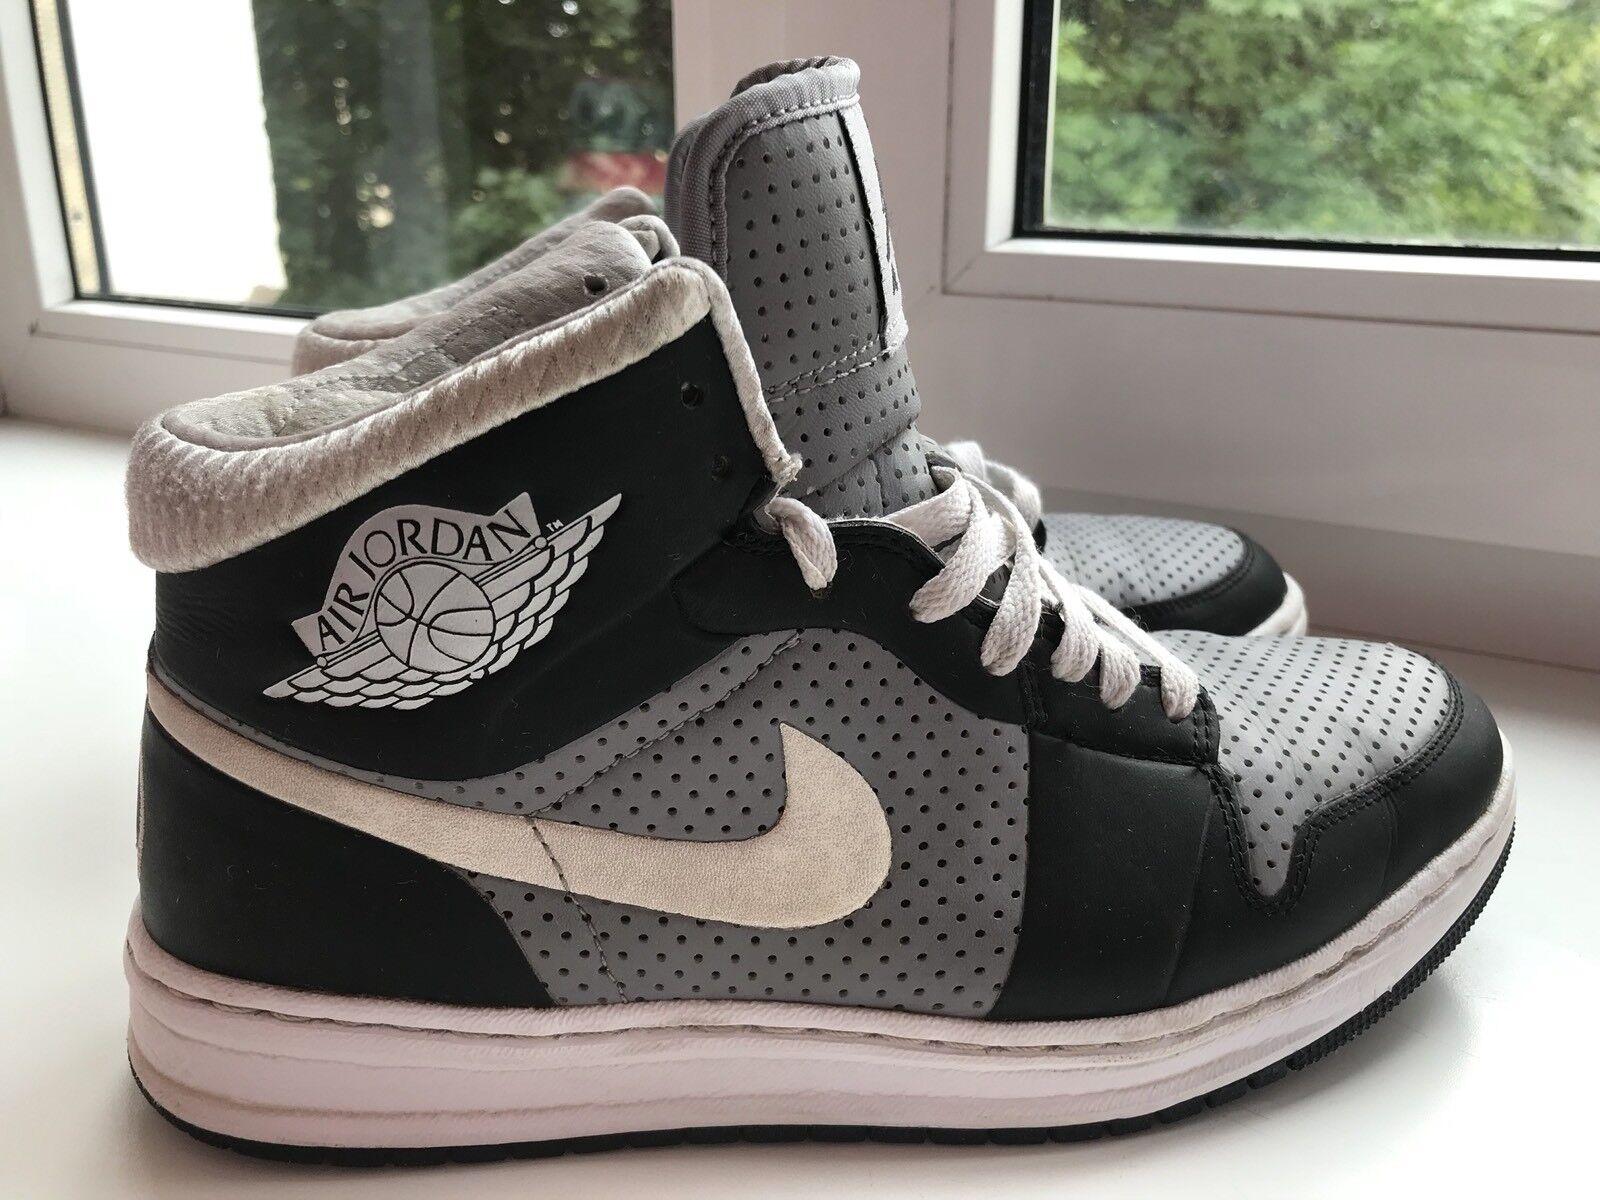 Nike Air Jordan 1 retro nuovo con scatola, misura Eu 40 Scarpe classiche da uomo